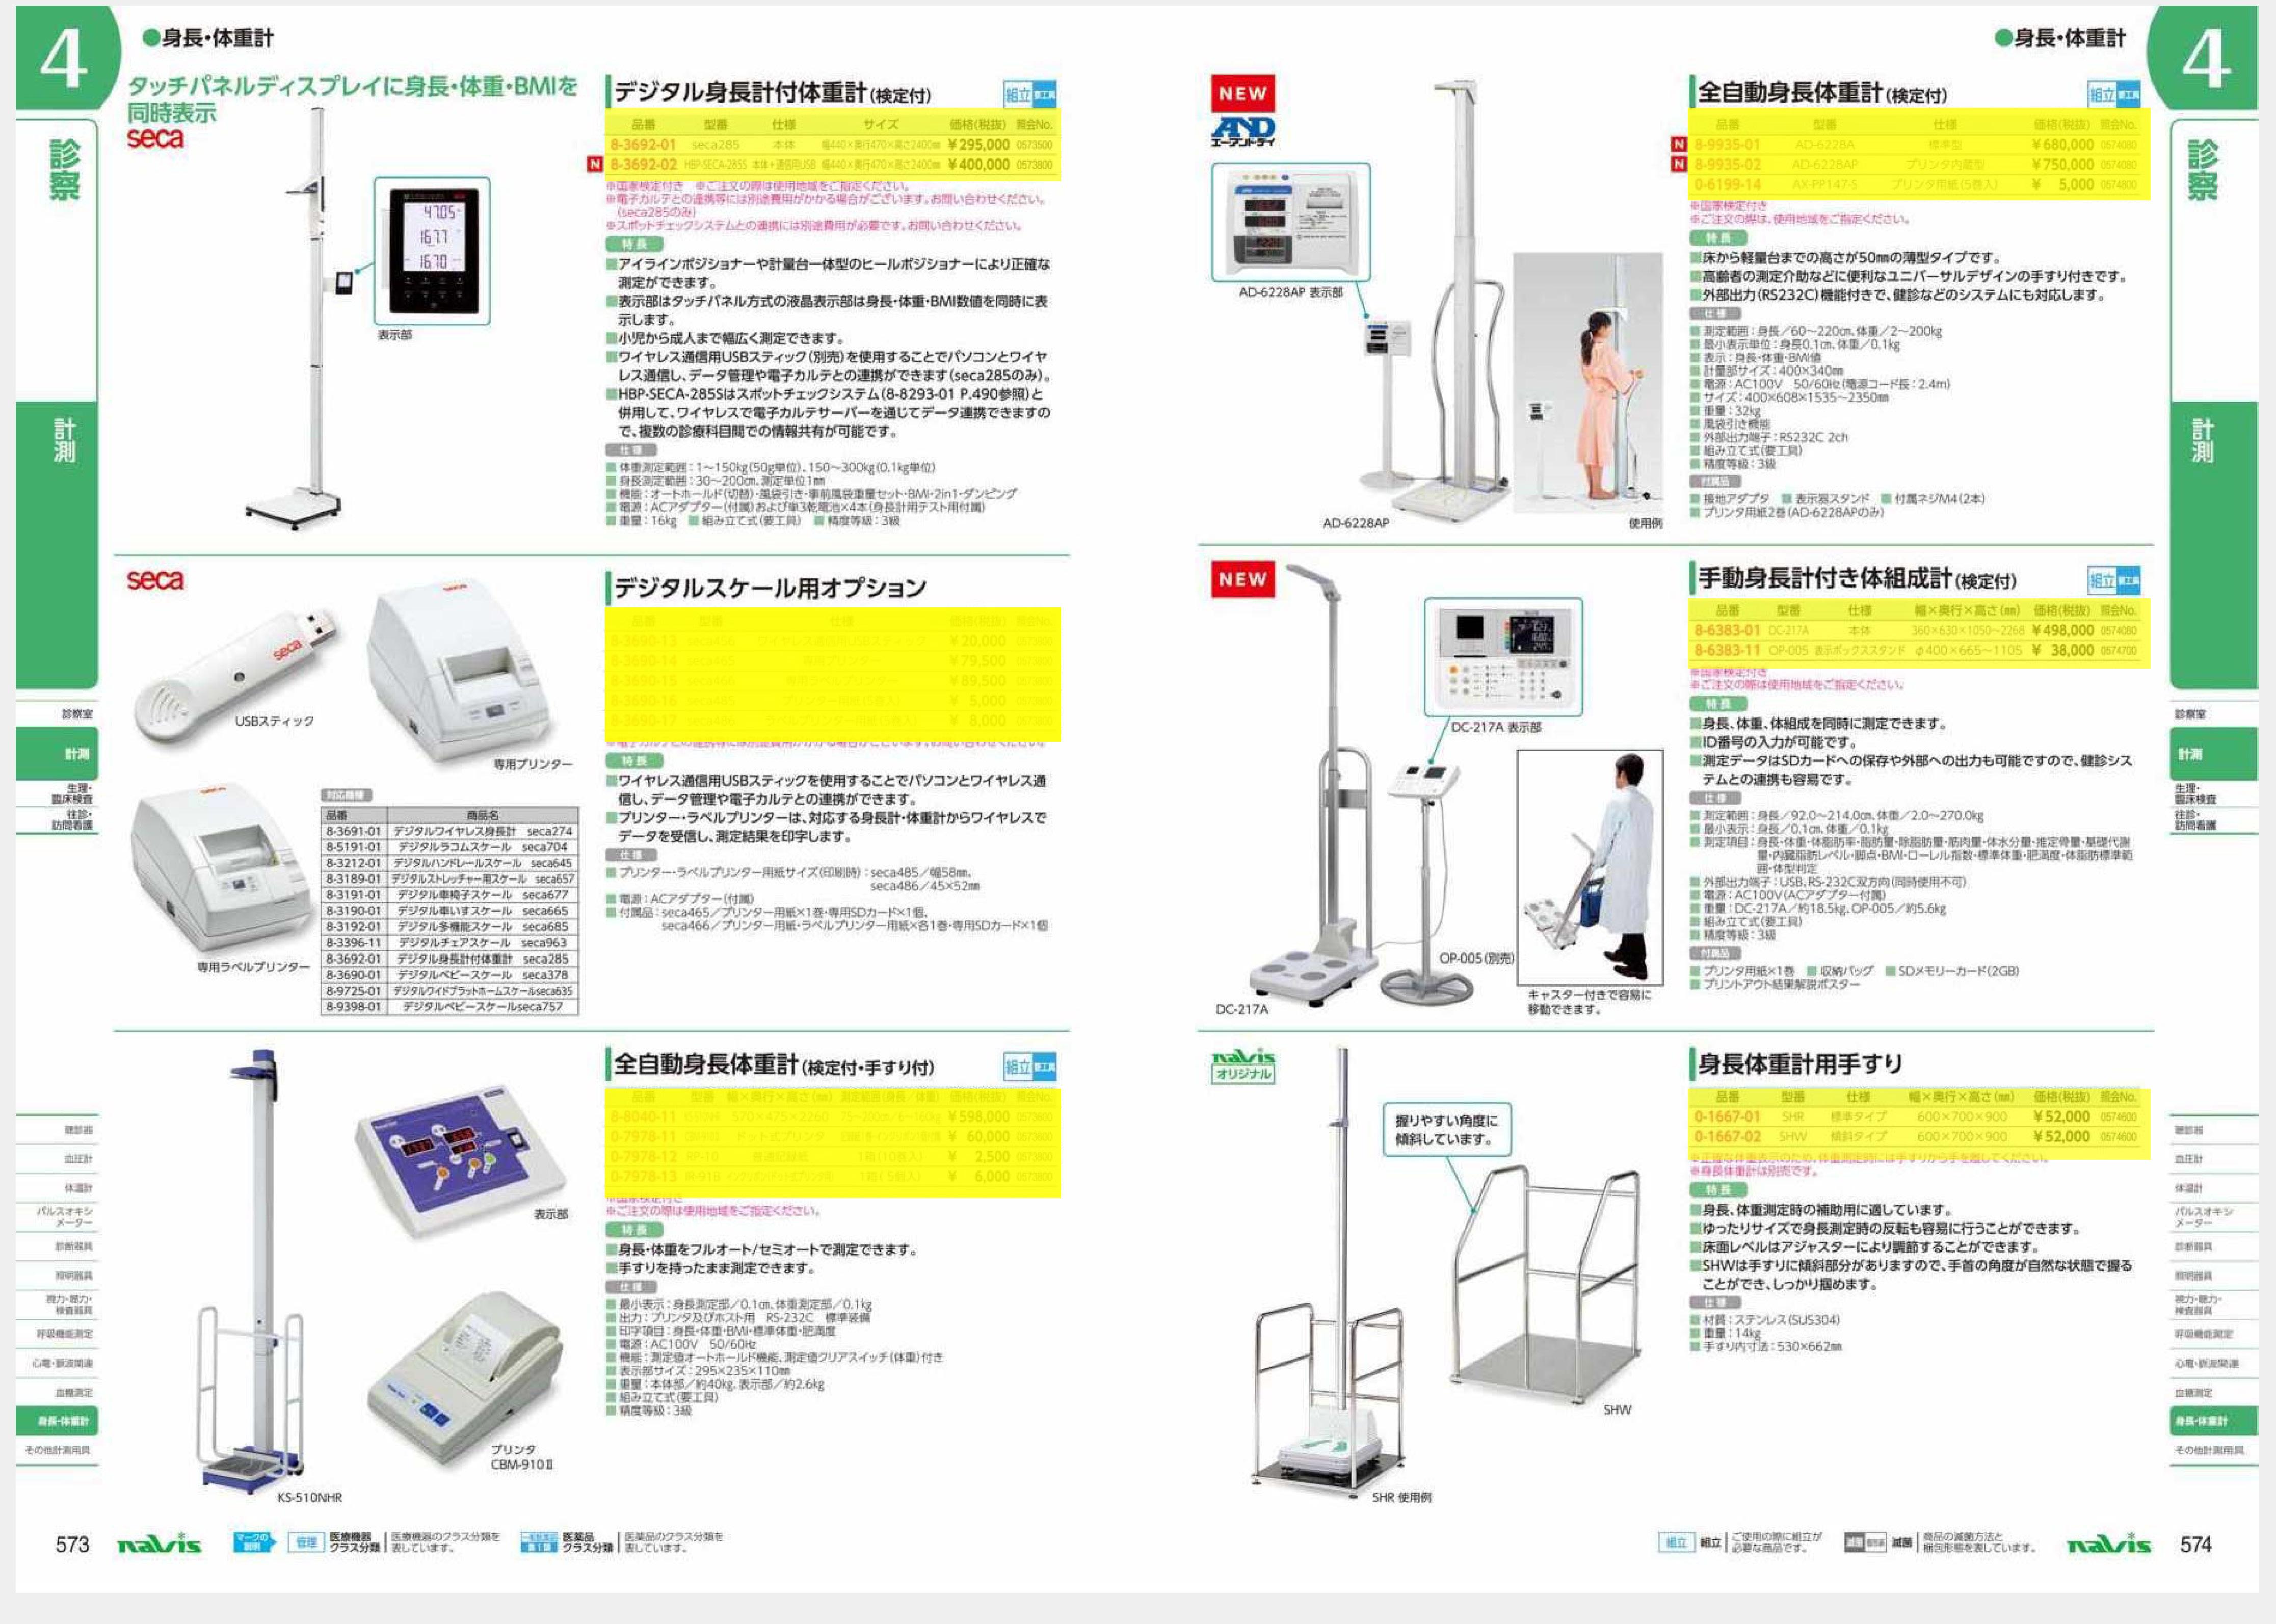 ナビス50000 オムロン 8-3692-02 デジタル身長計付体重計(検定付) 本体+通信用USB[セット](as1-8-3692-02)